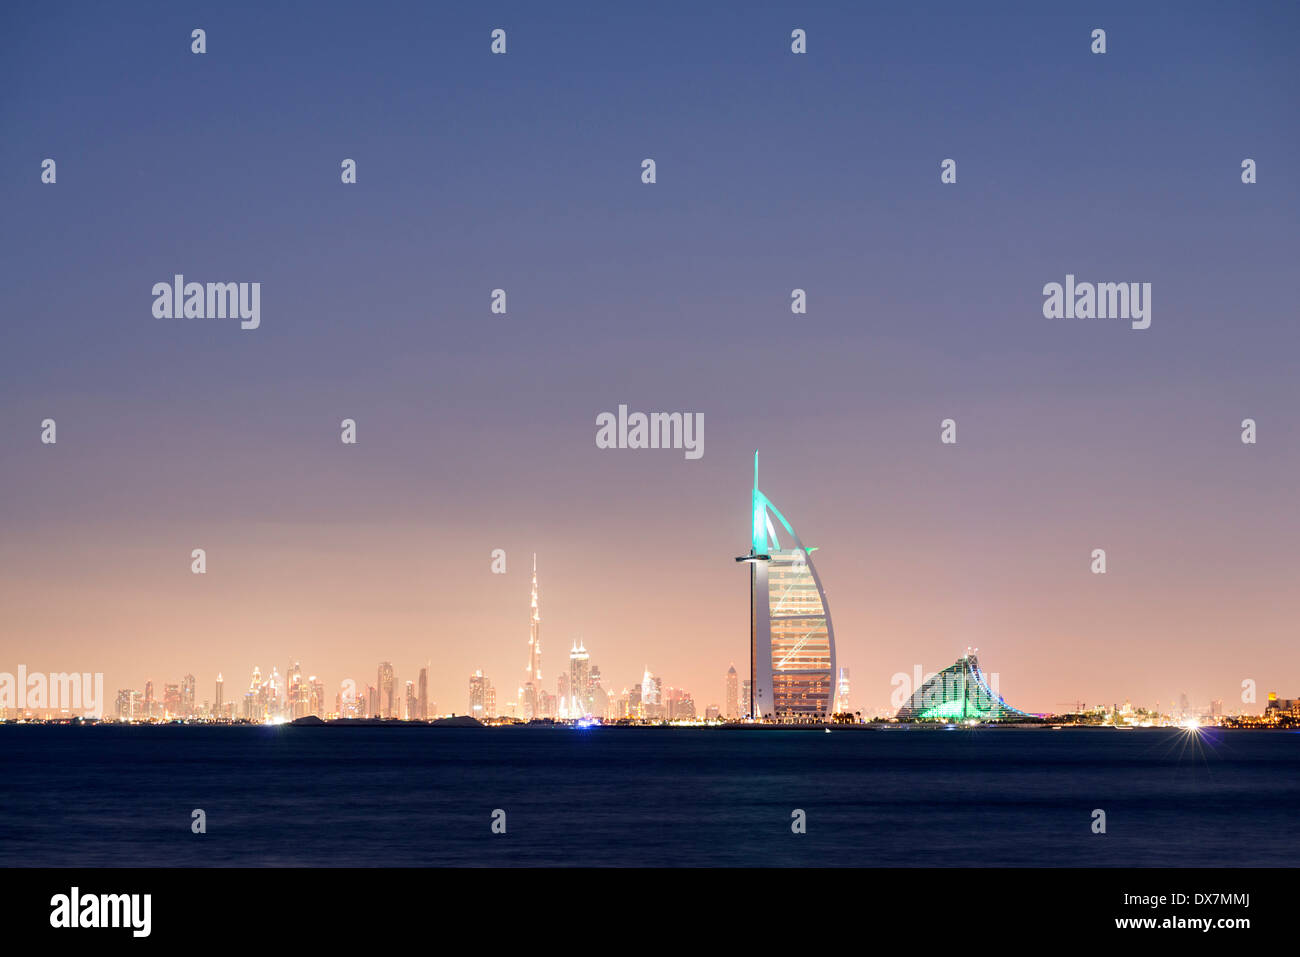 Nacht Skyline Auf Meer Und Luxuriose Burj Al Arab Hotel Stadt Dubai Mit Khalifa Tower In Ferne Vereinigte Arabische Emirate